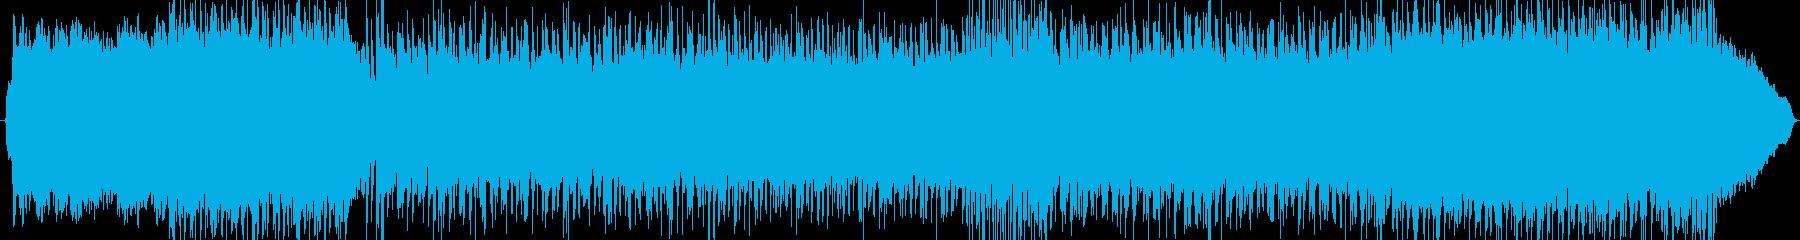 ハイスタ系 メロコア パンク の再生済みの波形